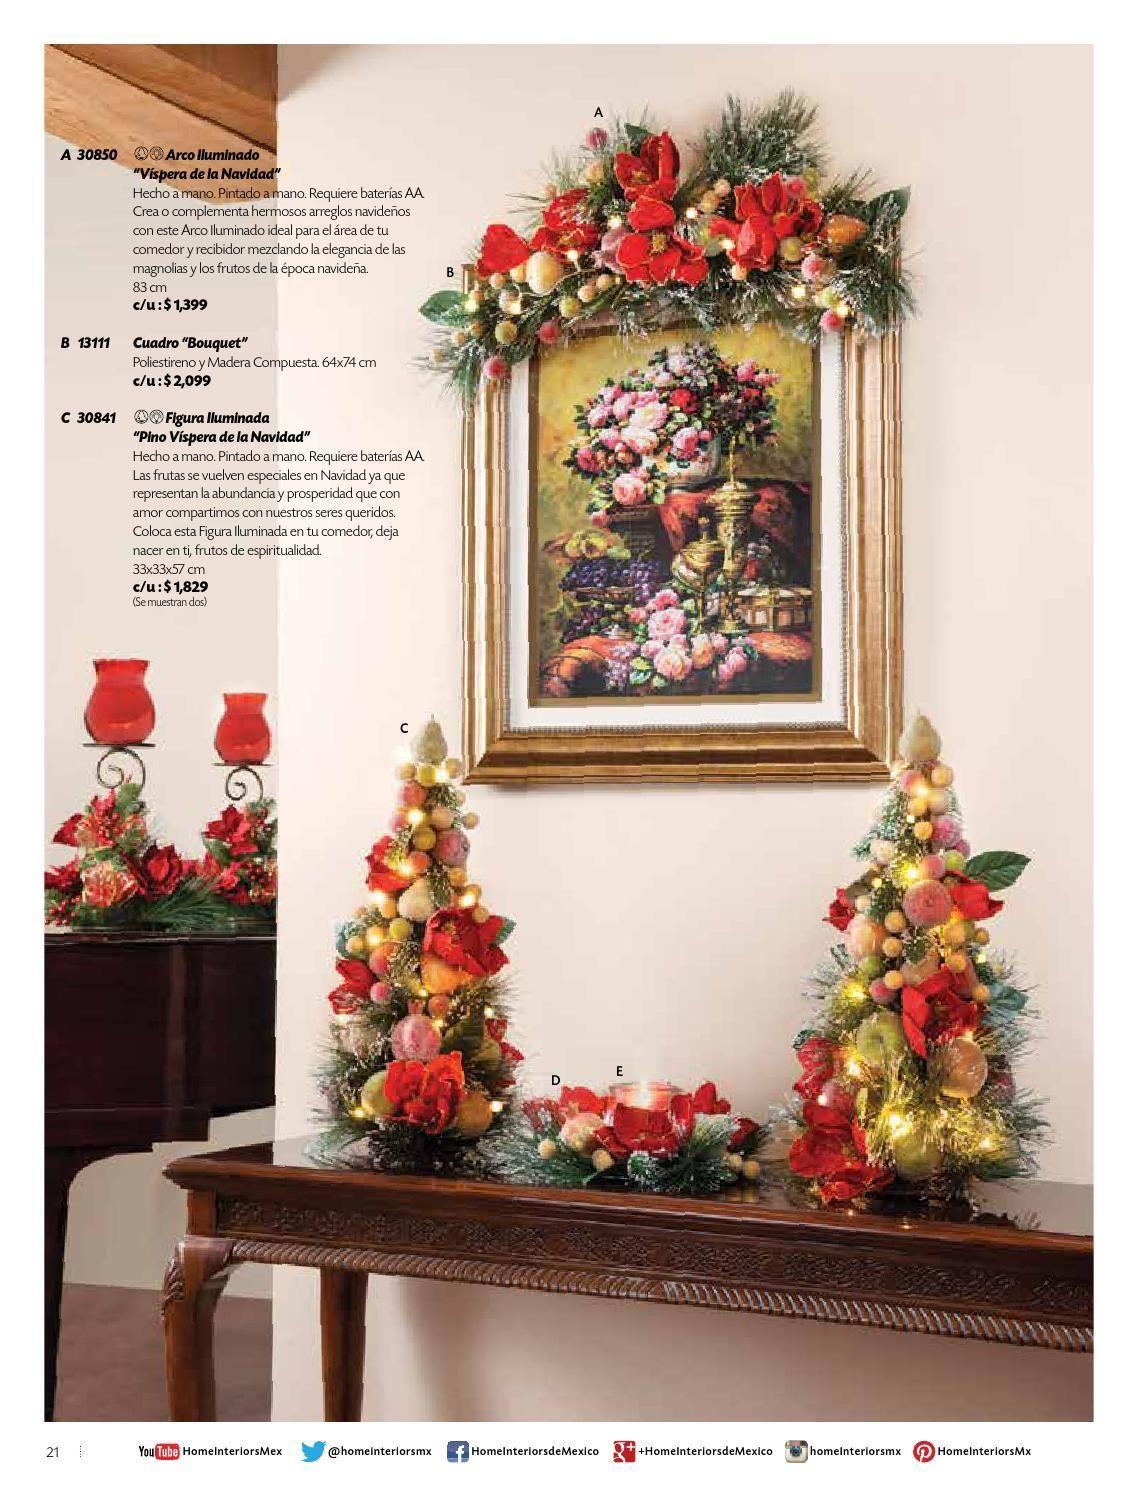 Home Interiors de Mxico - Navidad 2015 | VIDRI | Pinterest